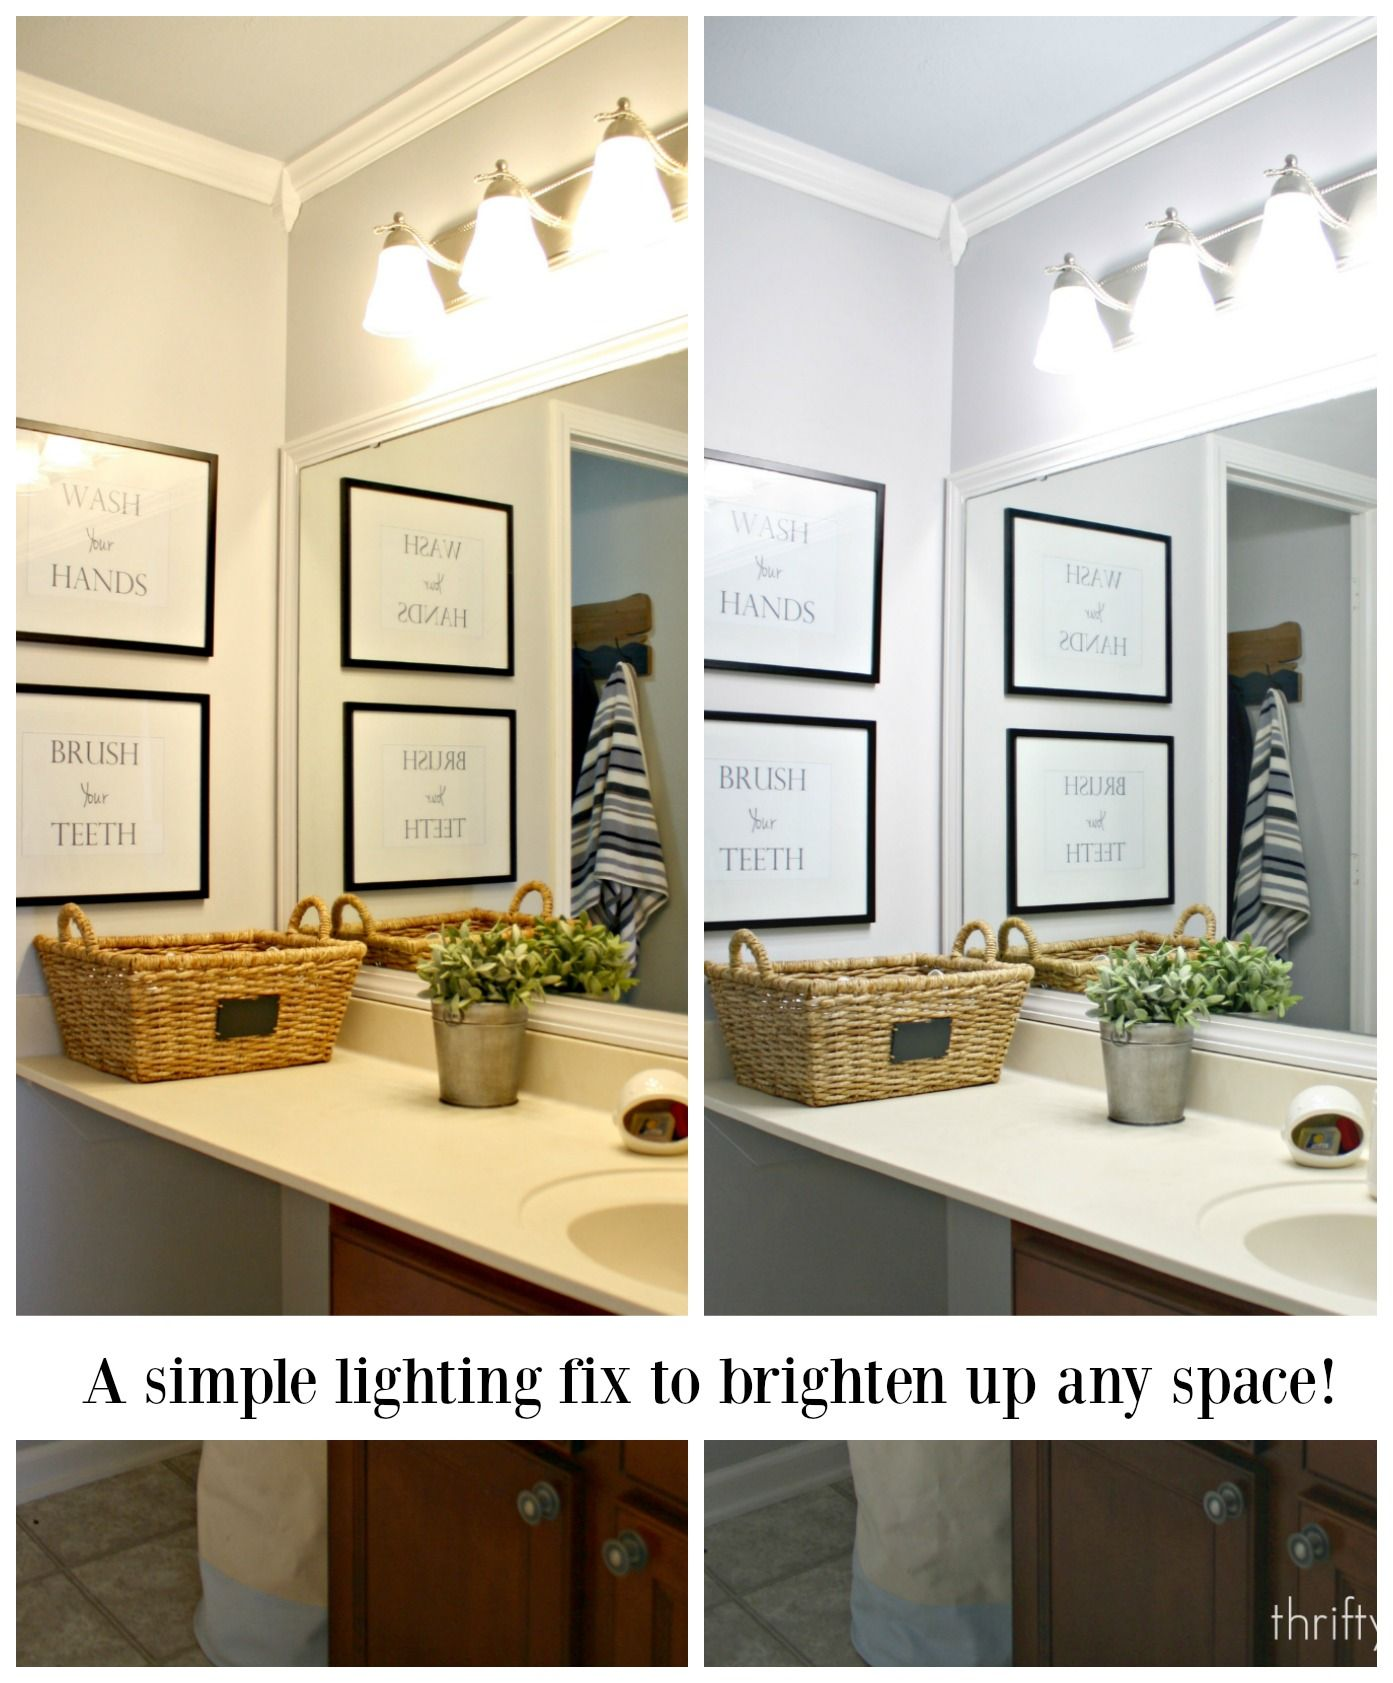 The Daylight Bulb Amazing Bathroom Light Bulbs Kitchen Light Bulbs Daylight Bulbs